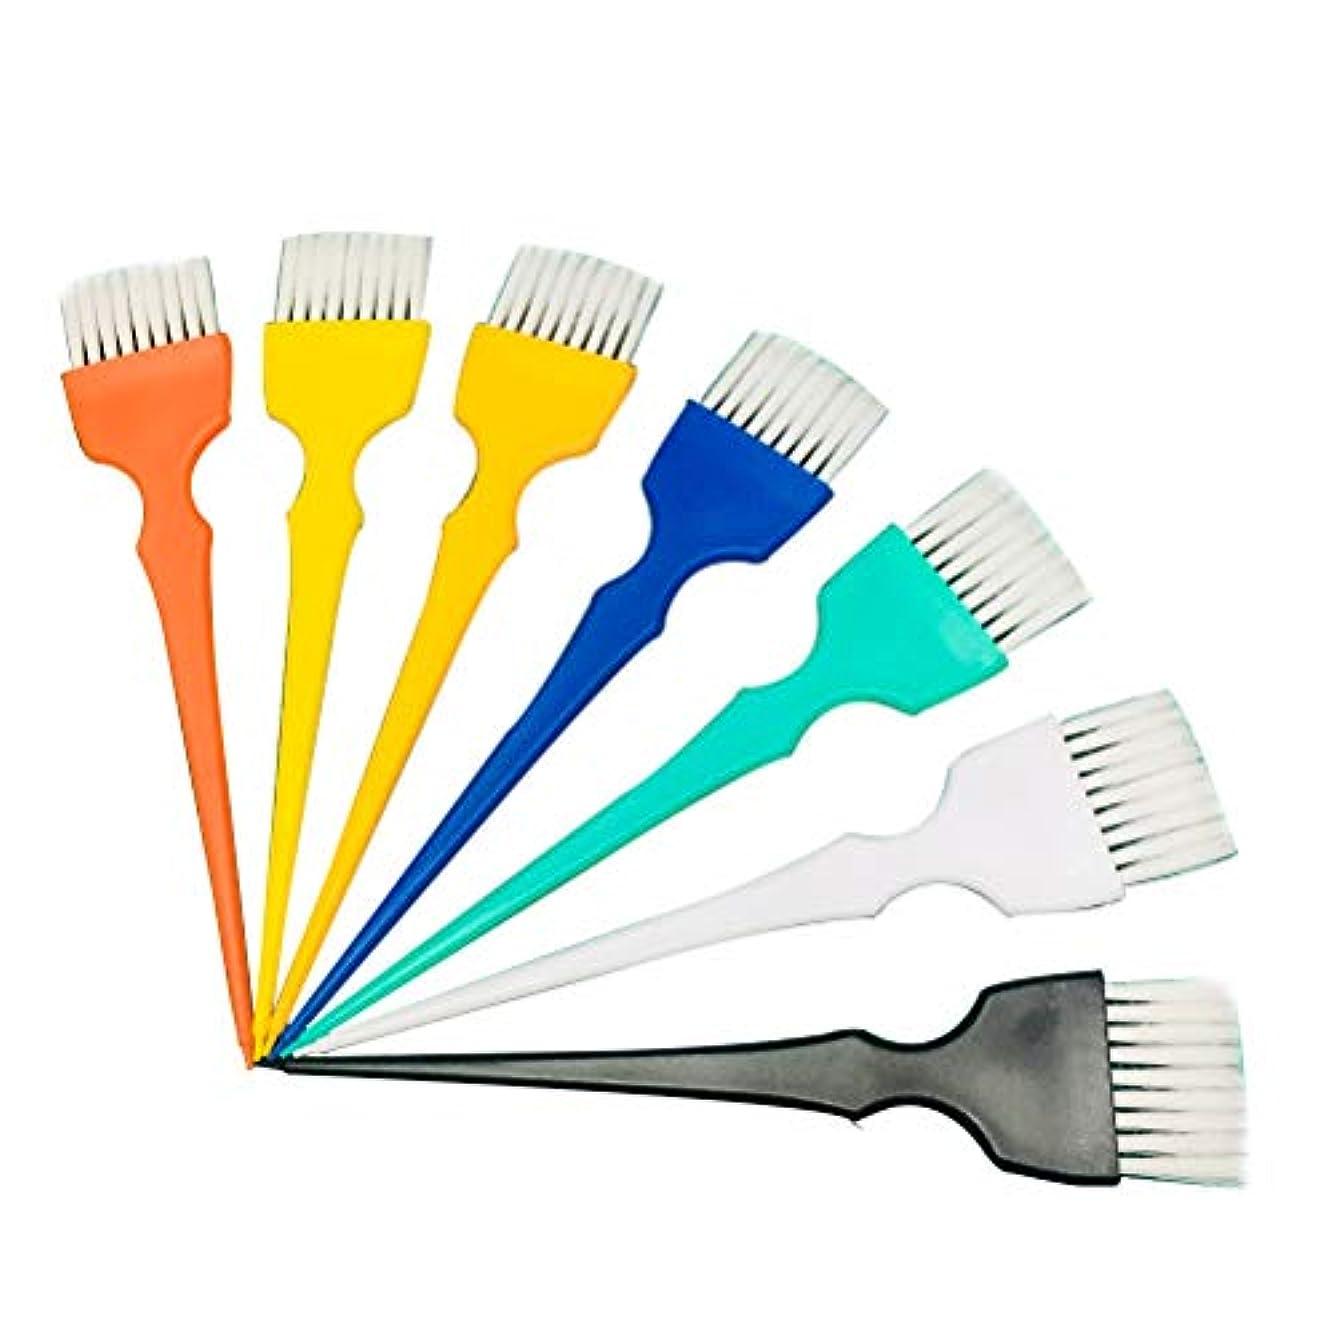 含むトレーニングメタルラインFrcolor ヘアダイブラシ ヘアカラーブラシ ヘアダイコーム 白髪染め 家庭用 美容師プロ用 プラスチック製 7本セット(ランダムカラー)